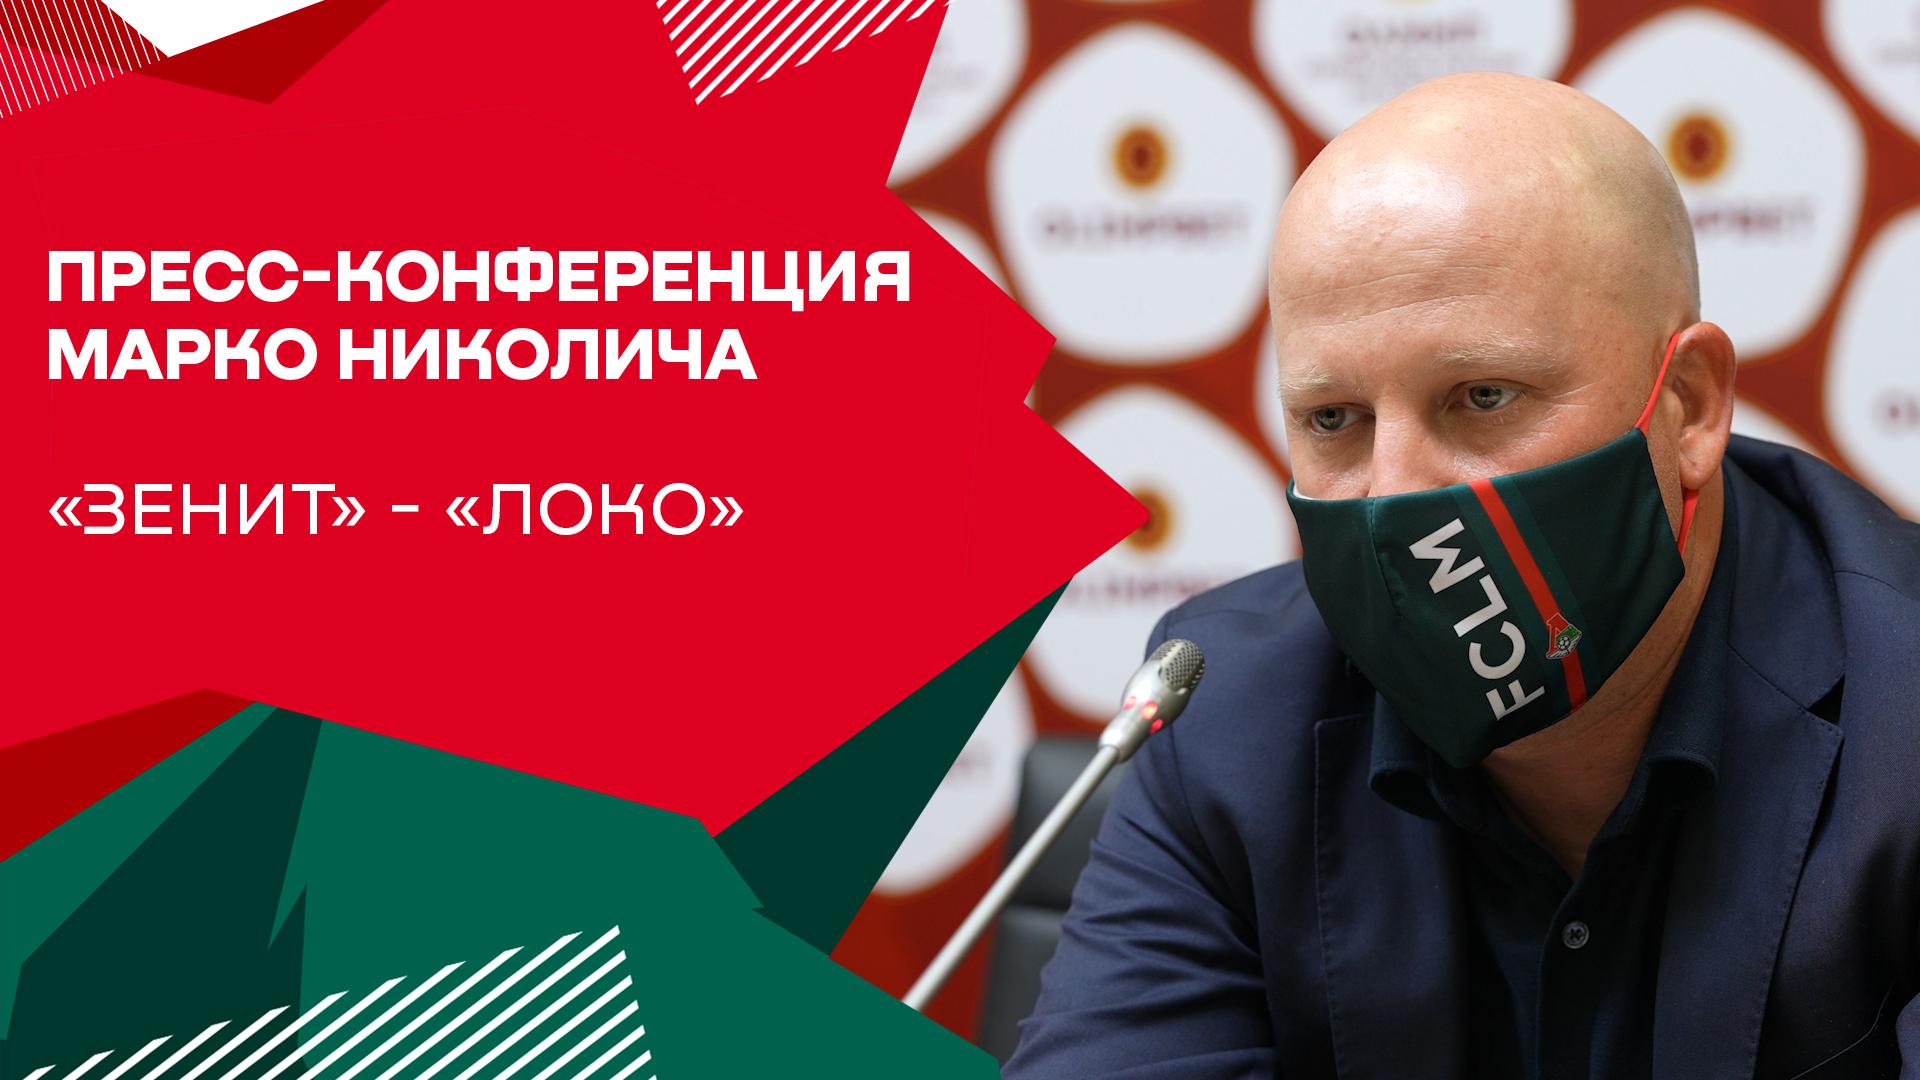 Пресс-конференция Марко Николича после матча с «Зенитом» (0:3)